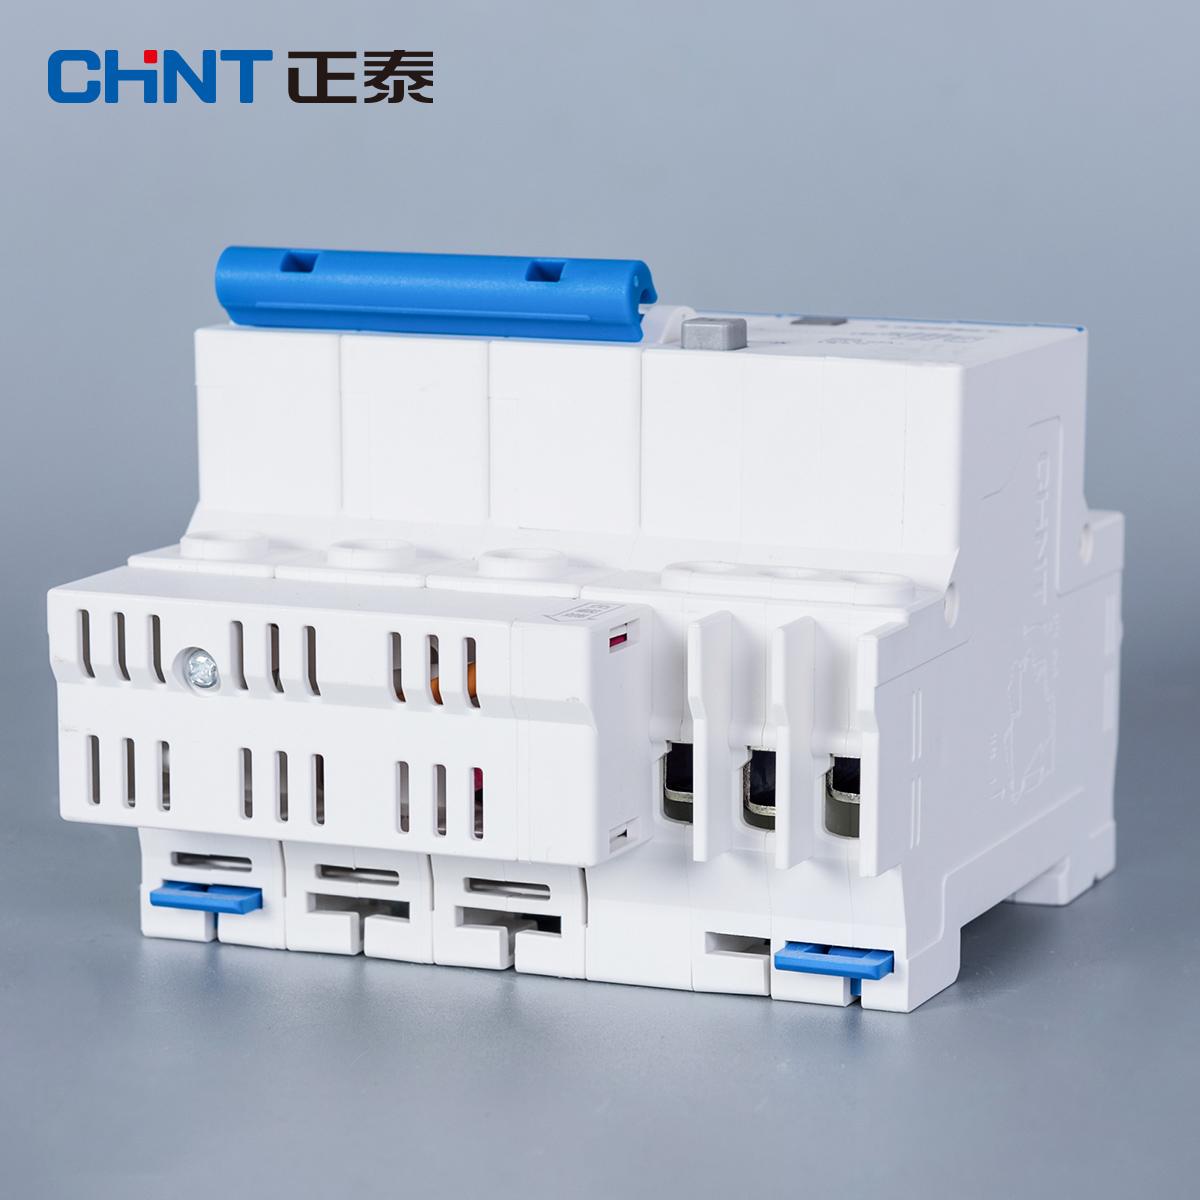 正泰电器漏电保护器NXBELE-32 3P 32A 带漏电保护器 小型空气开关